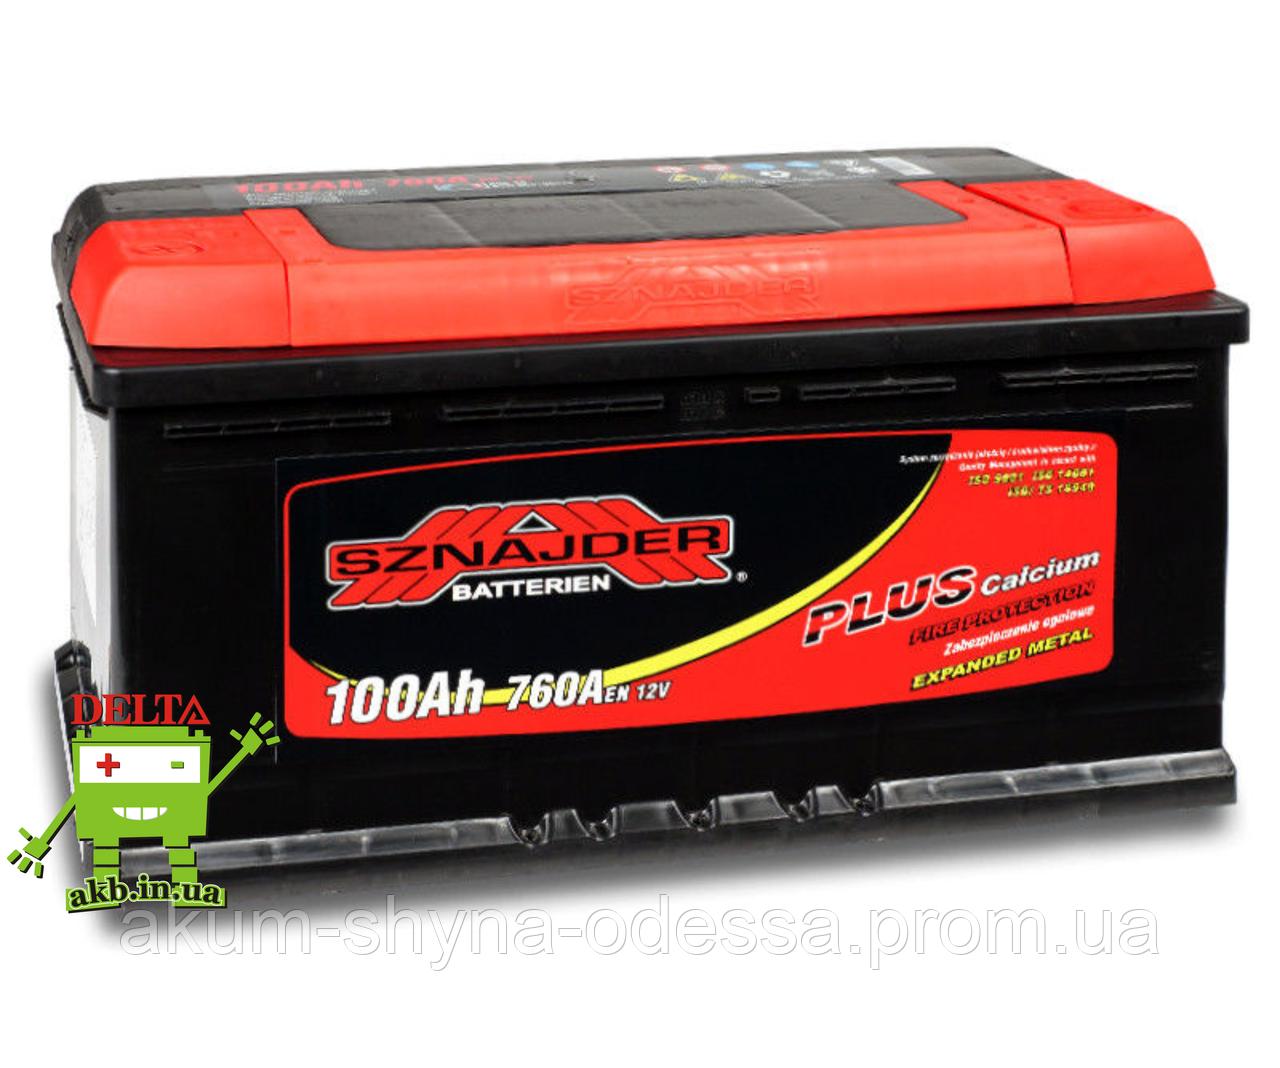 АКБ SZNAJDER Plus 6СТ-100Ah 760A R